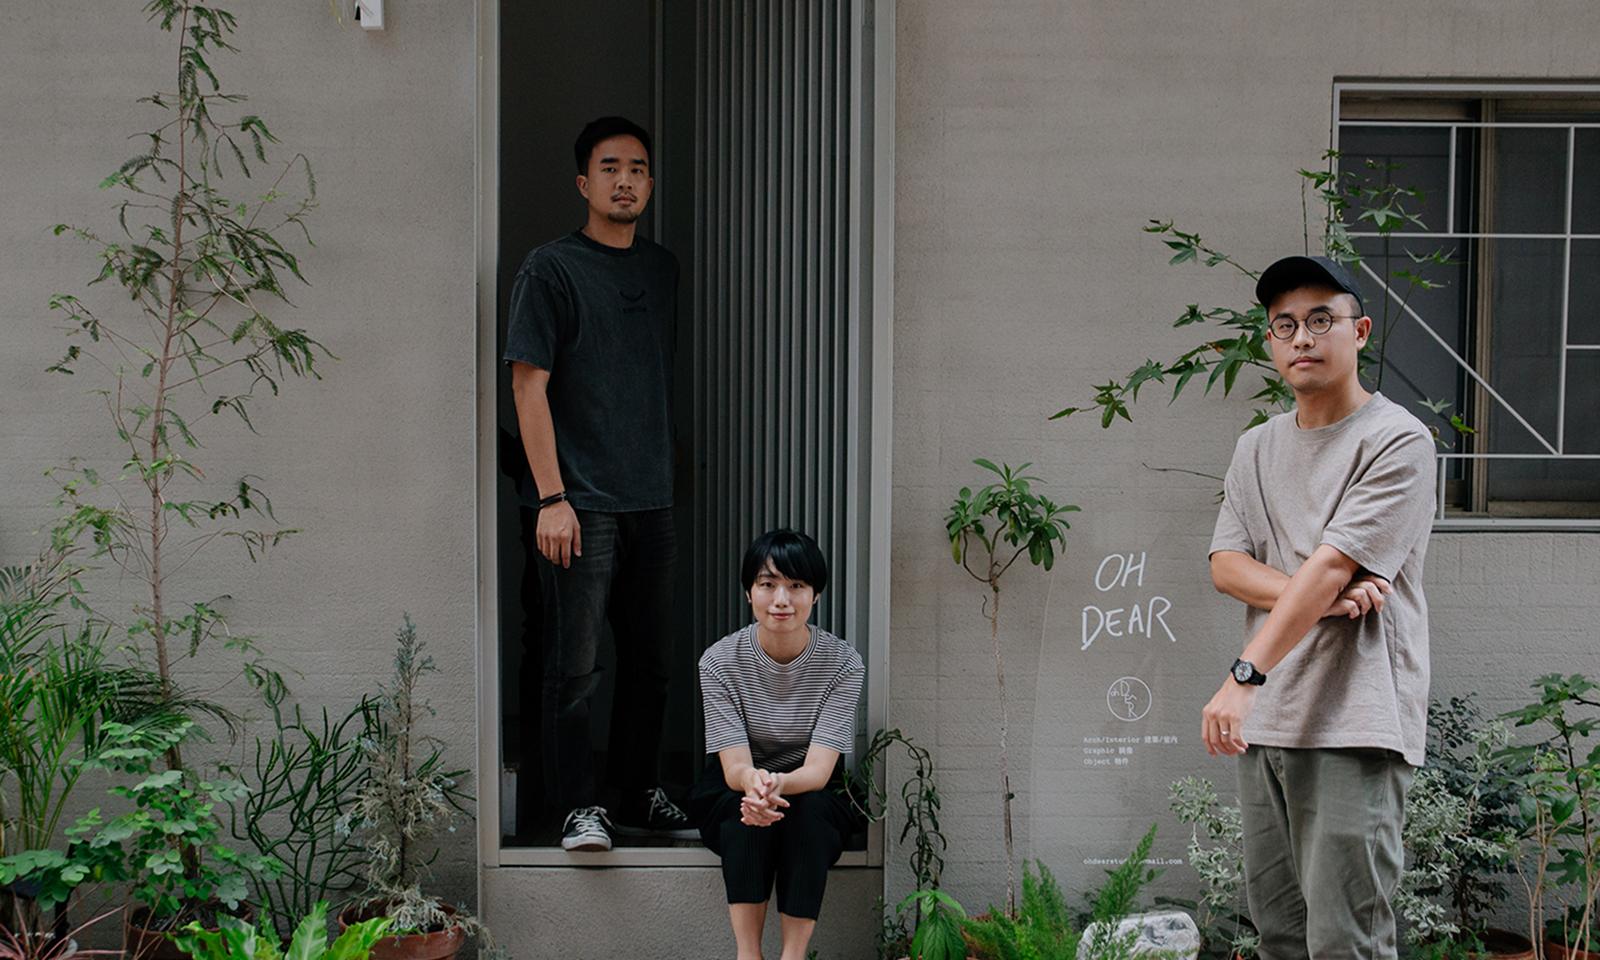 美菊麵店到自己的家,專訪 OH DEAR Studio——用空間回應一個人